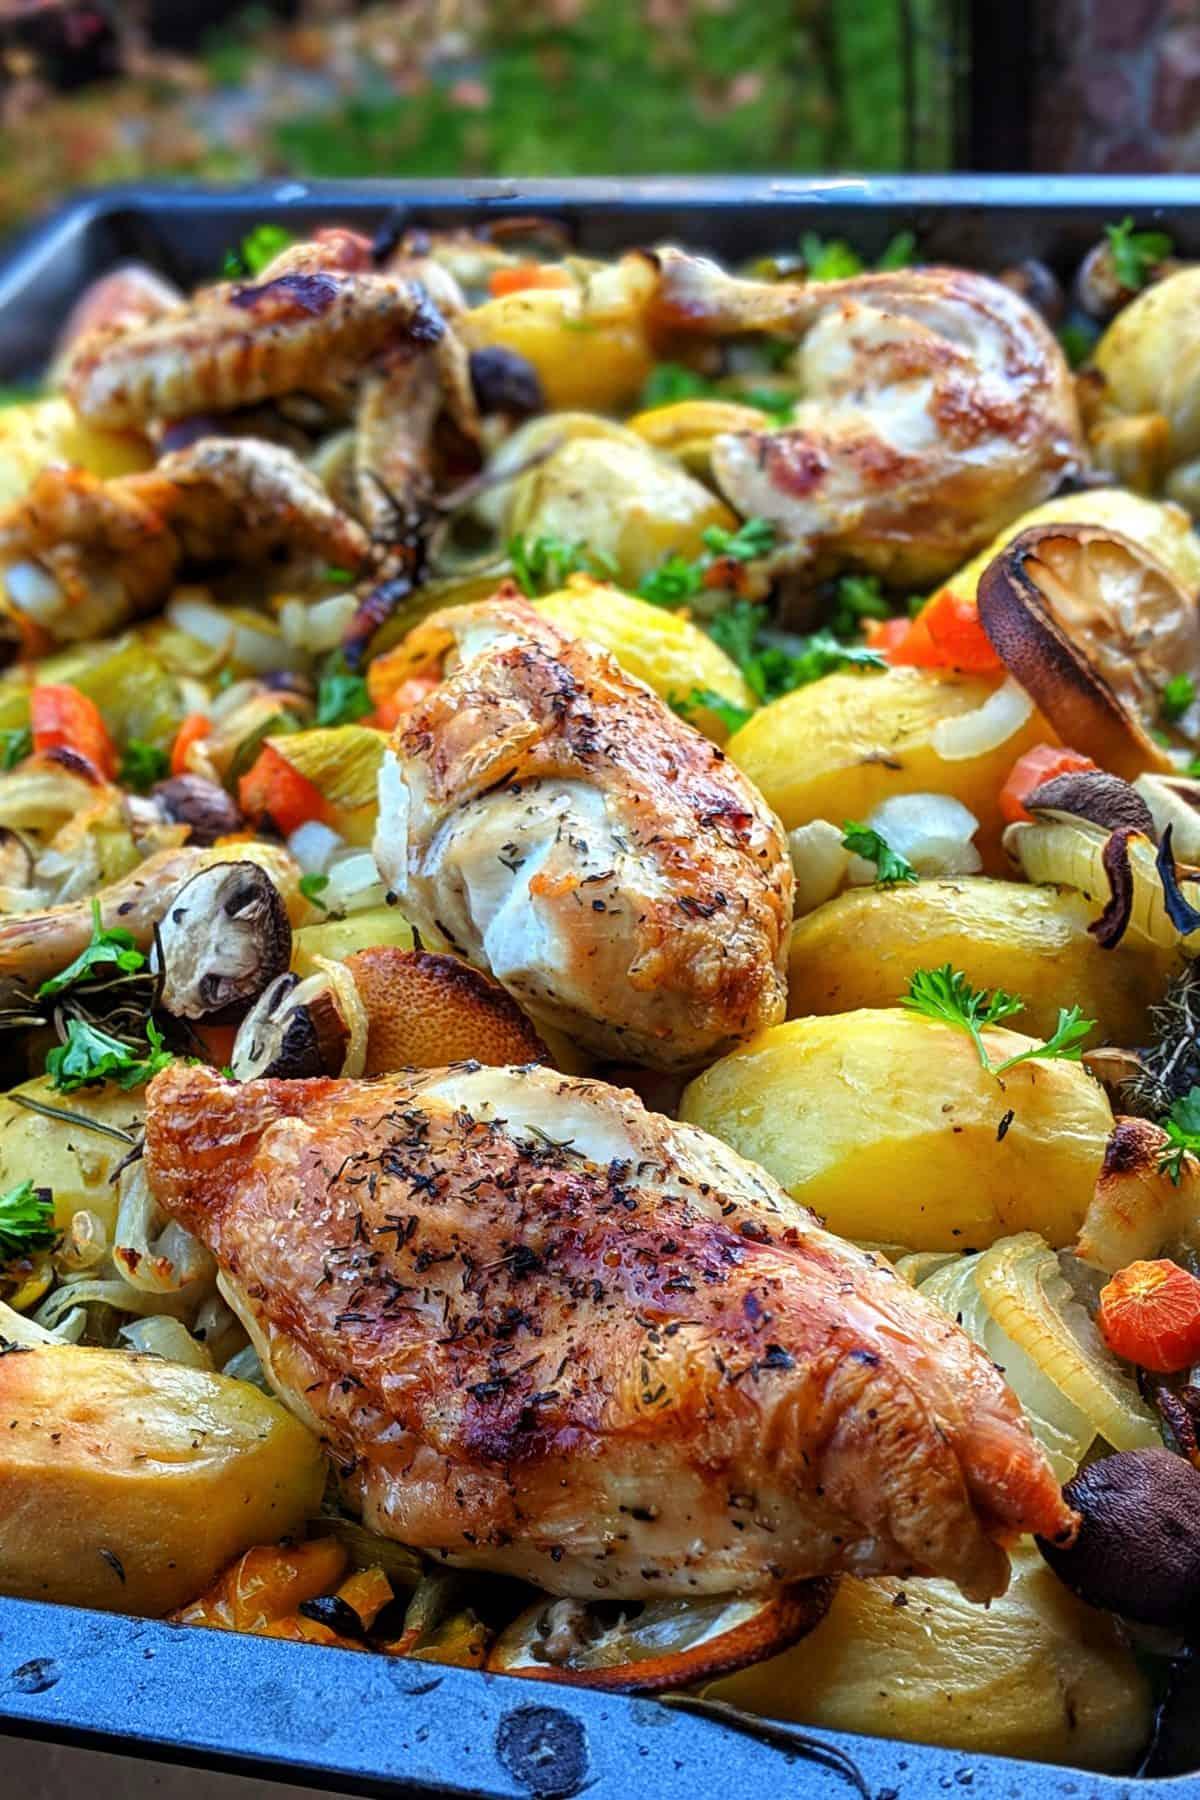 Der Inhalt einer Auflaufform mit Ofen-Hähnchen, Kartoffeln und Gemüse